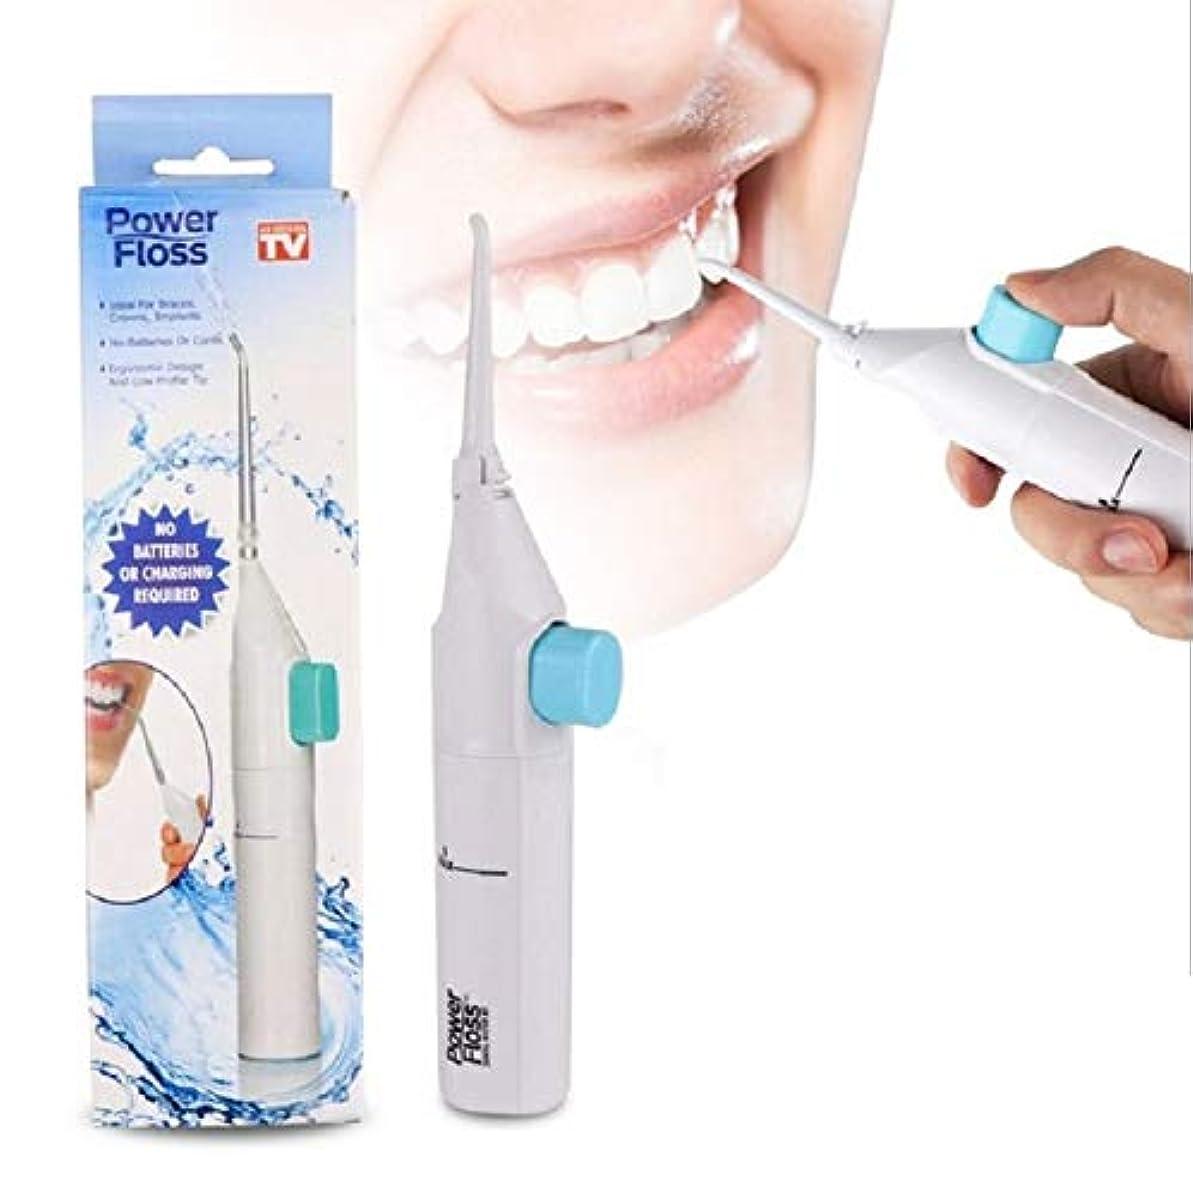 フィルタどっちでも用量Pichidr-JP ウォーターピック口腔洗浄器 手動ポンプ式 ジェットウォッシャー歯間洗浄器 歯クリーナー 歯間ジェットクリー 膿栓除去 電池不要